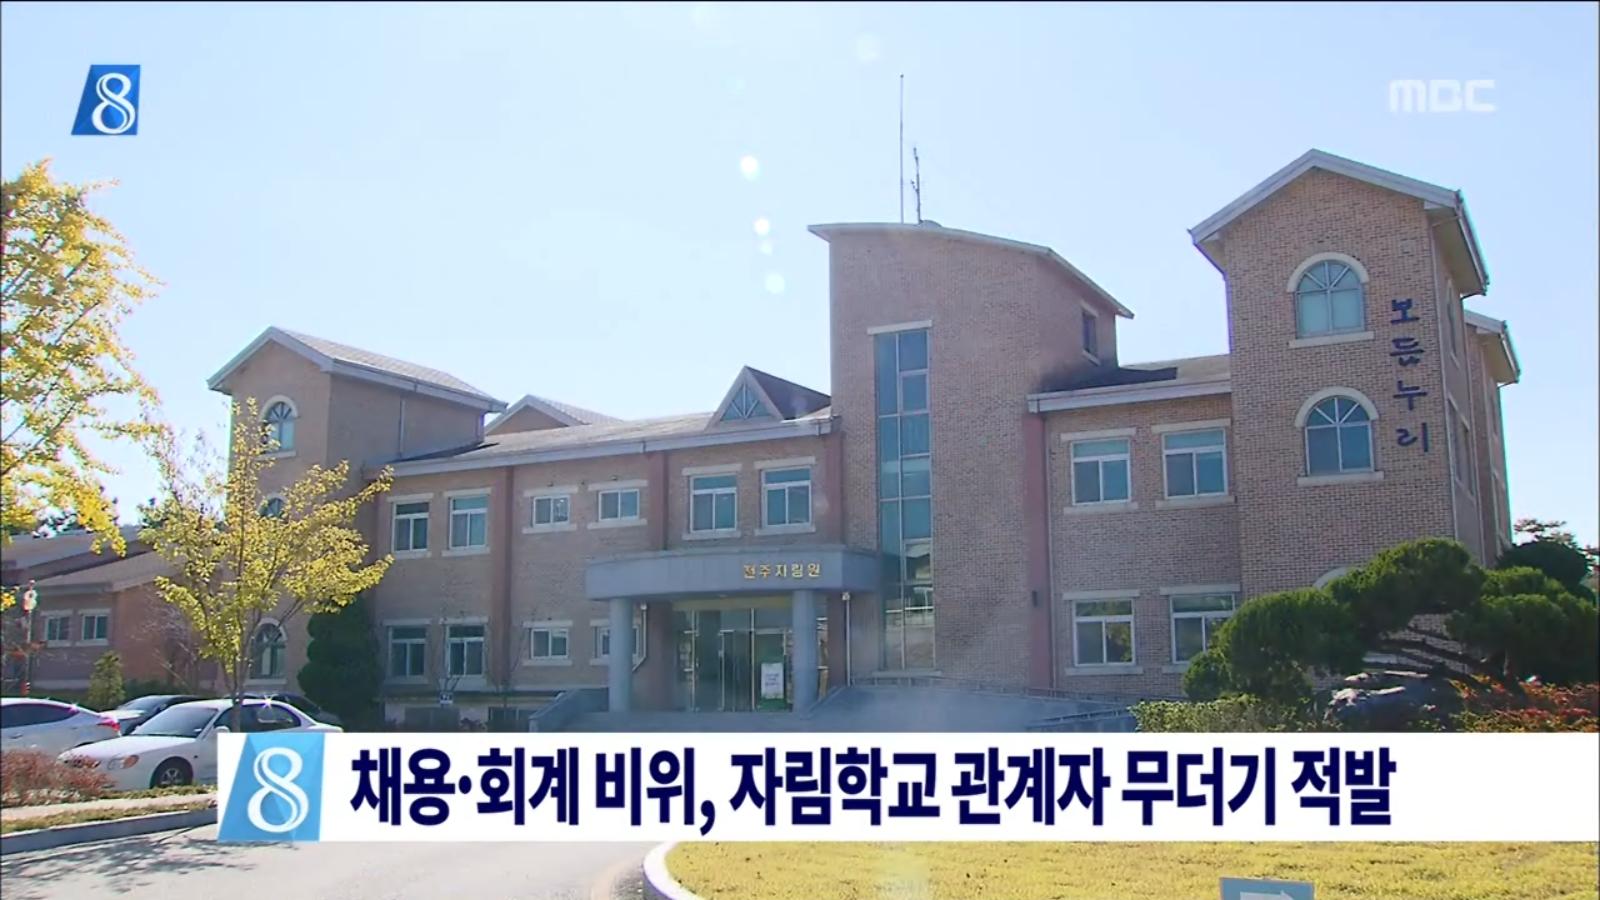 [15.2.13 전주MBC] 전북교육청, 전주 자림학교 감사결과 발표2.jpg